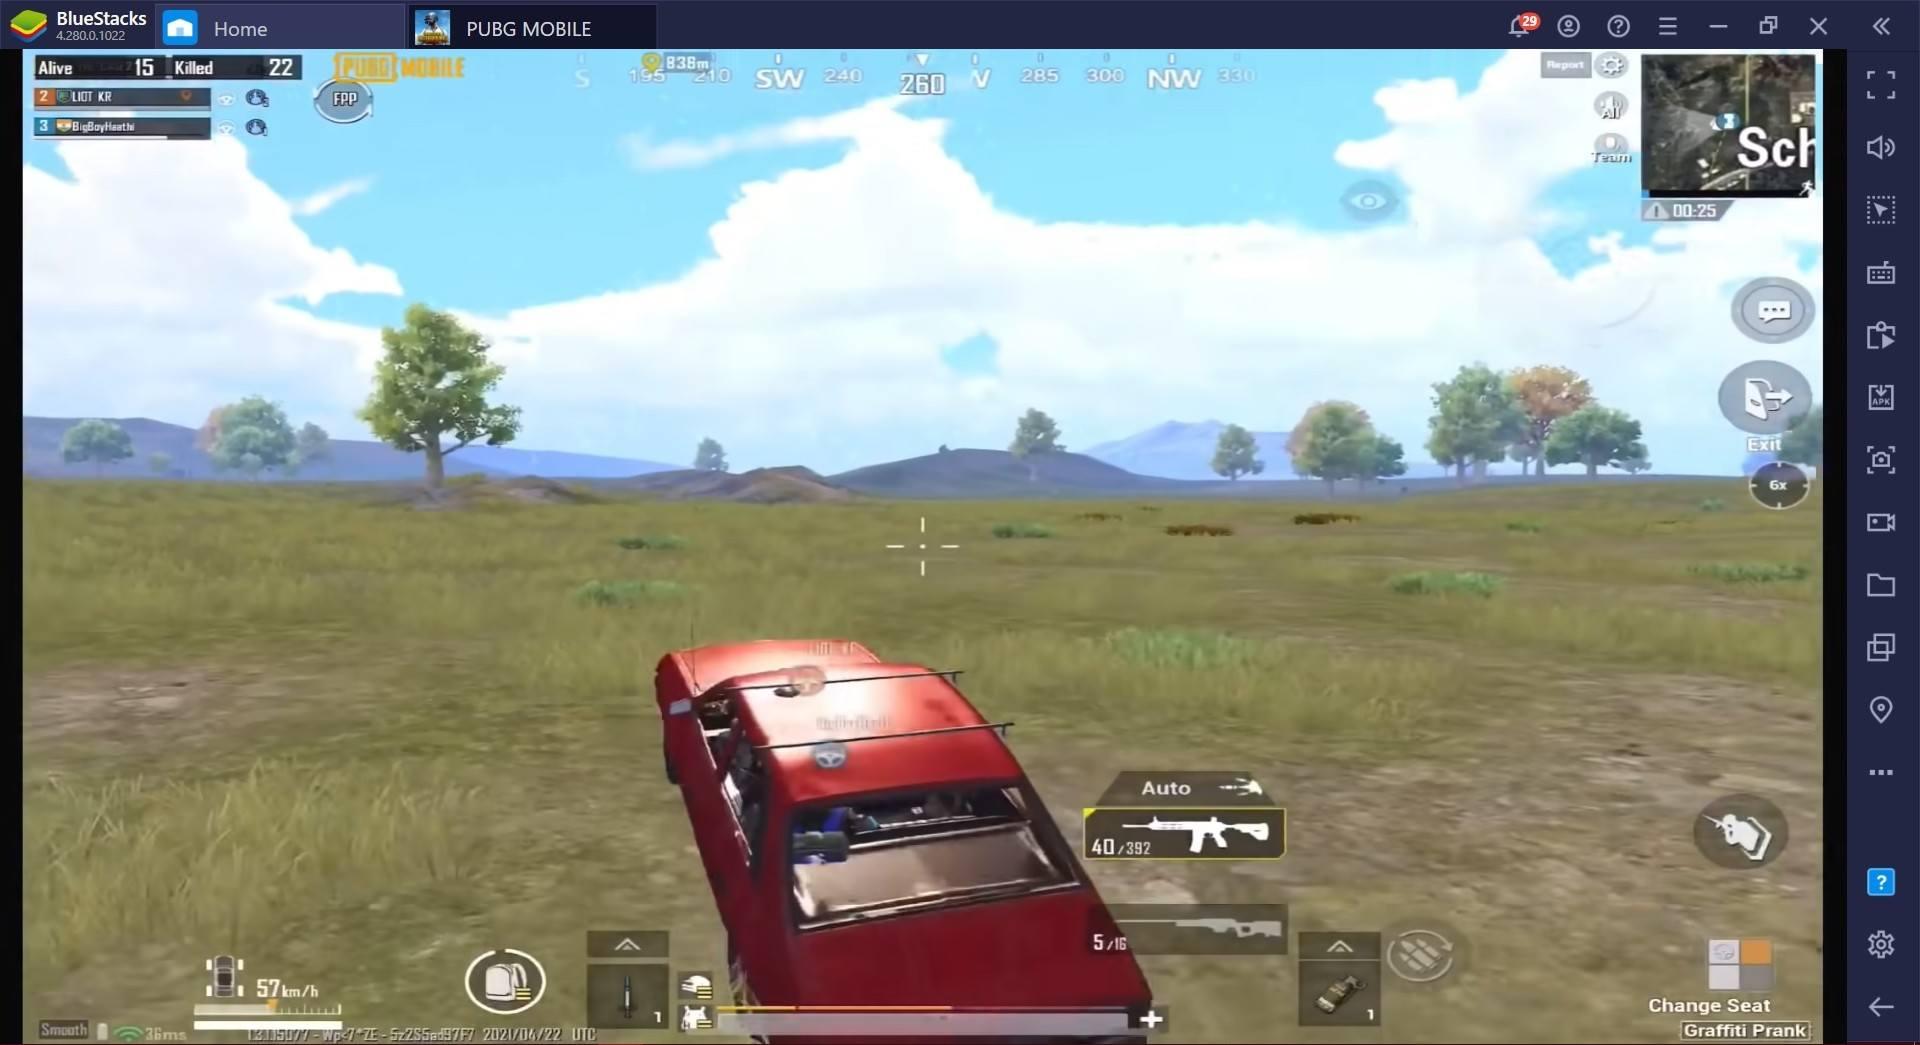 Chơi PUBG Mobile trên PC: Nên chọn góc nhìn thứ 1 hay thứ 3